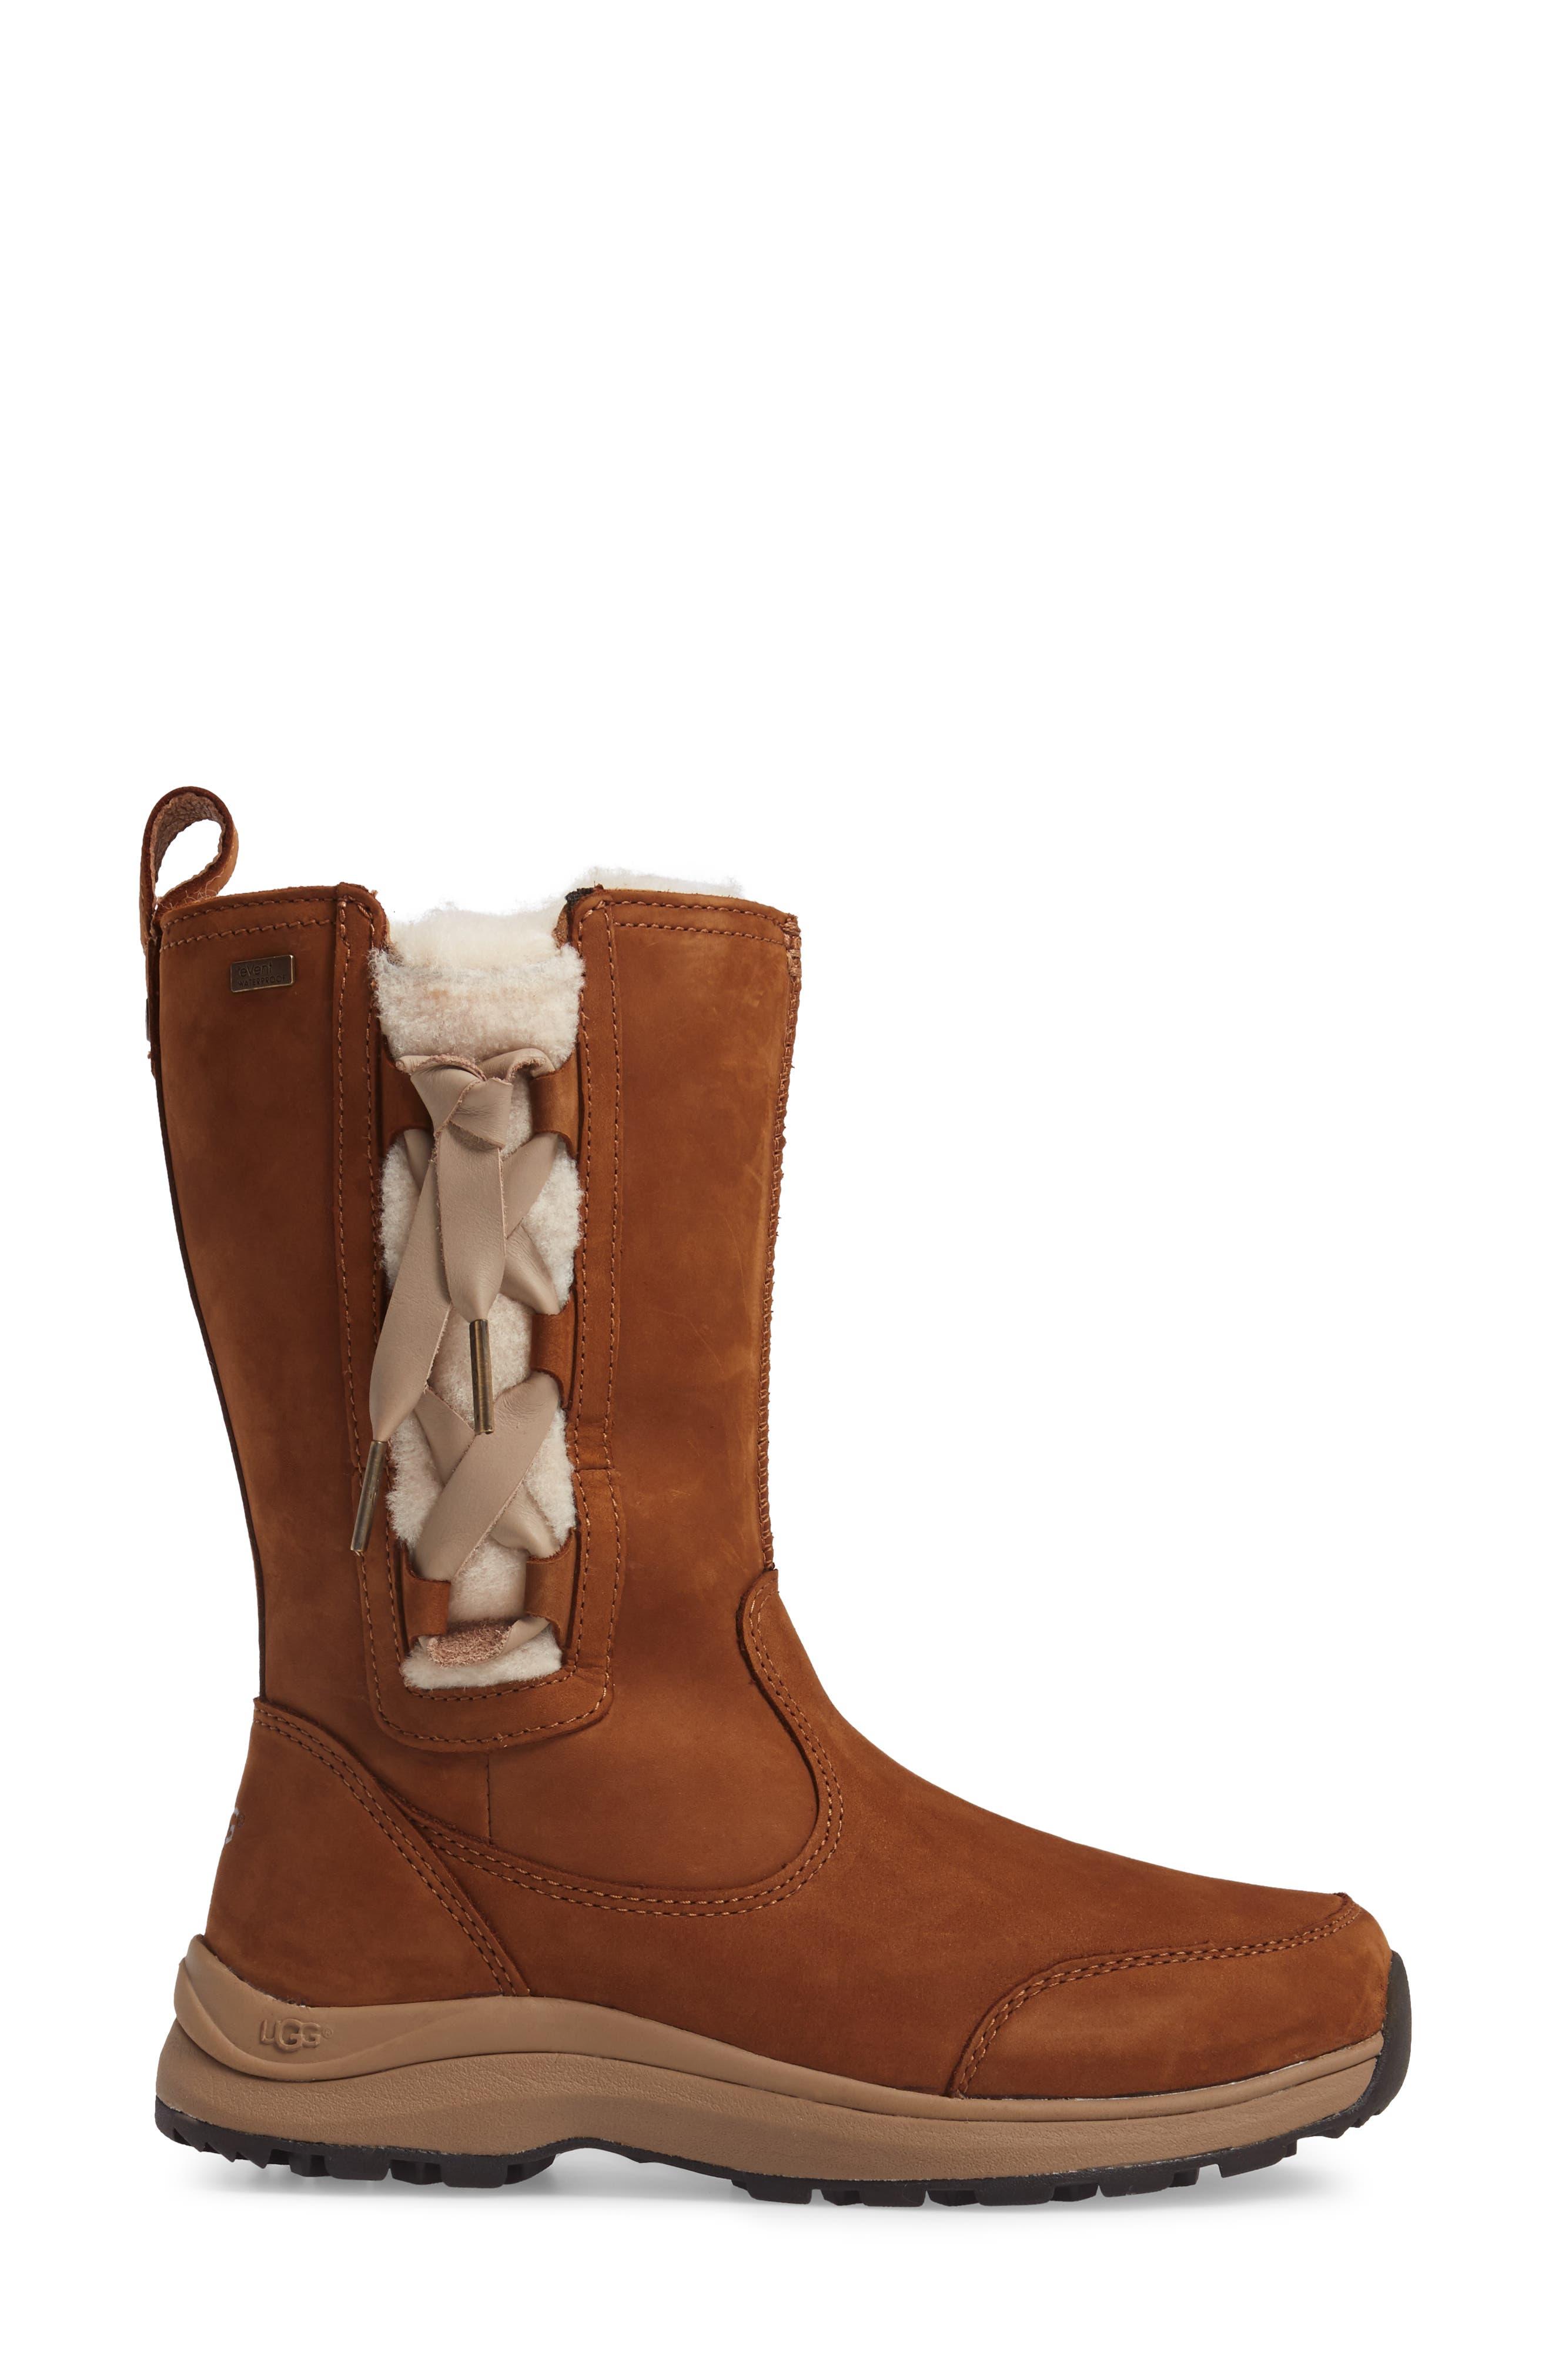 Alternate Image 3  - UGG® Suvi Waterproof Insulated Winter Boot (Women)